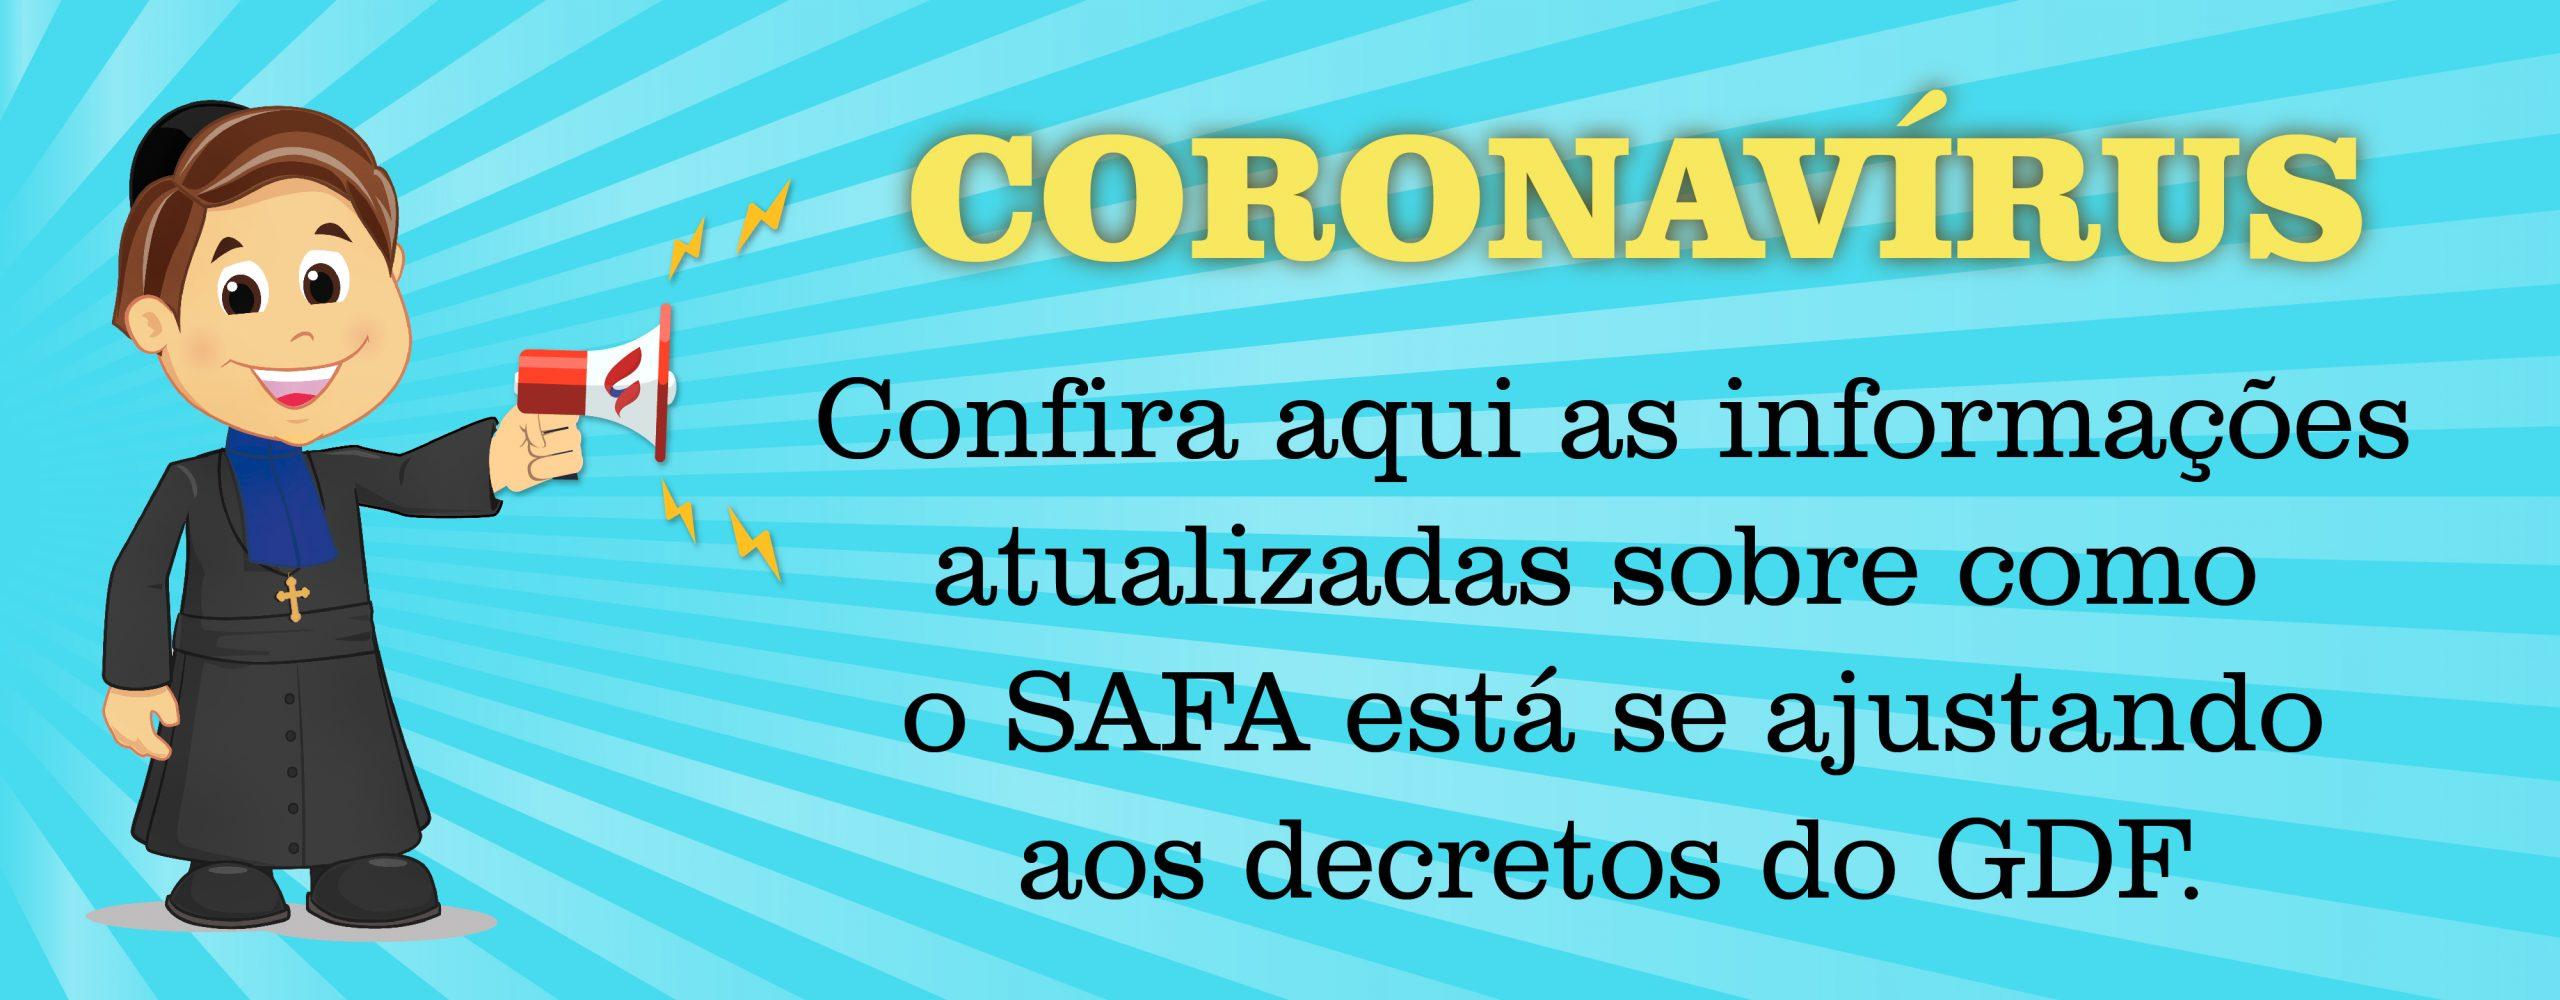 http://safa.com.br/site/wp-content/uploads/2020/03/Comunicado20.03-01-02-scaled.jpg